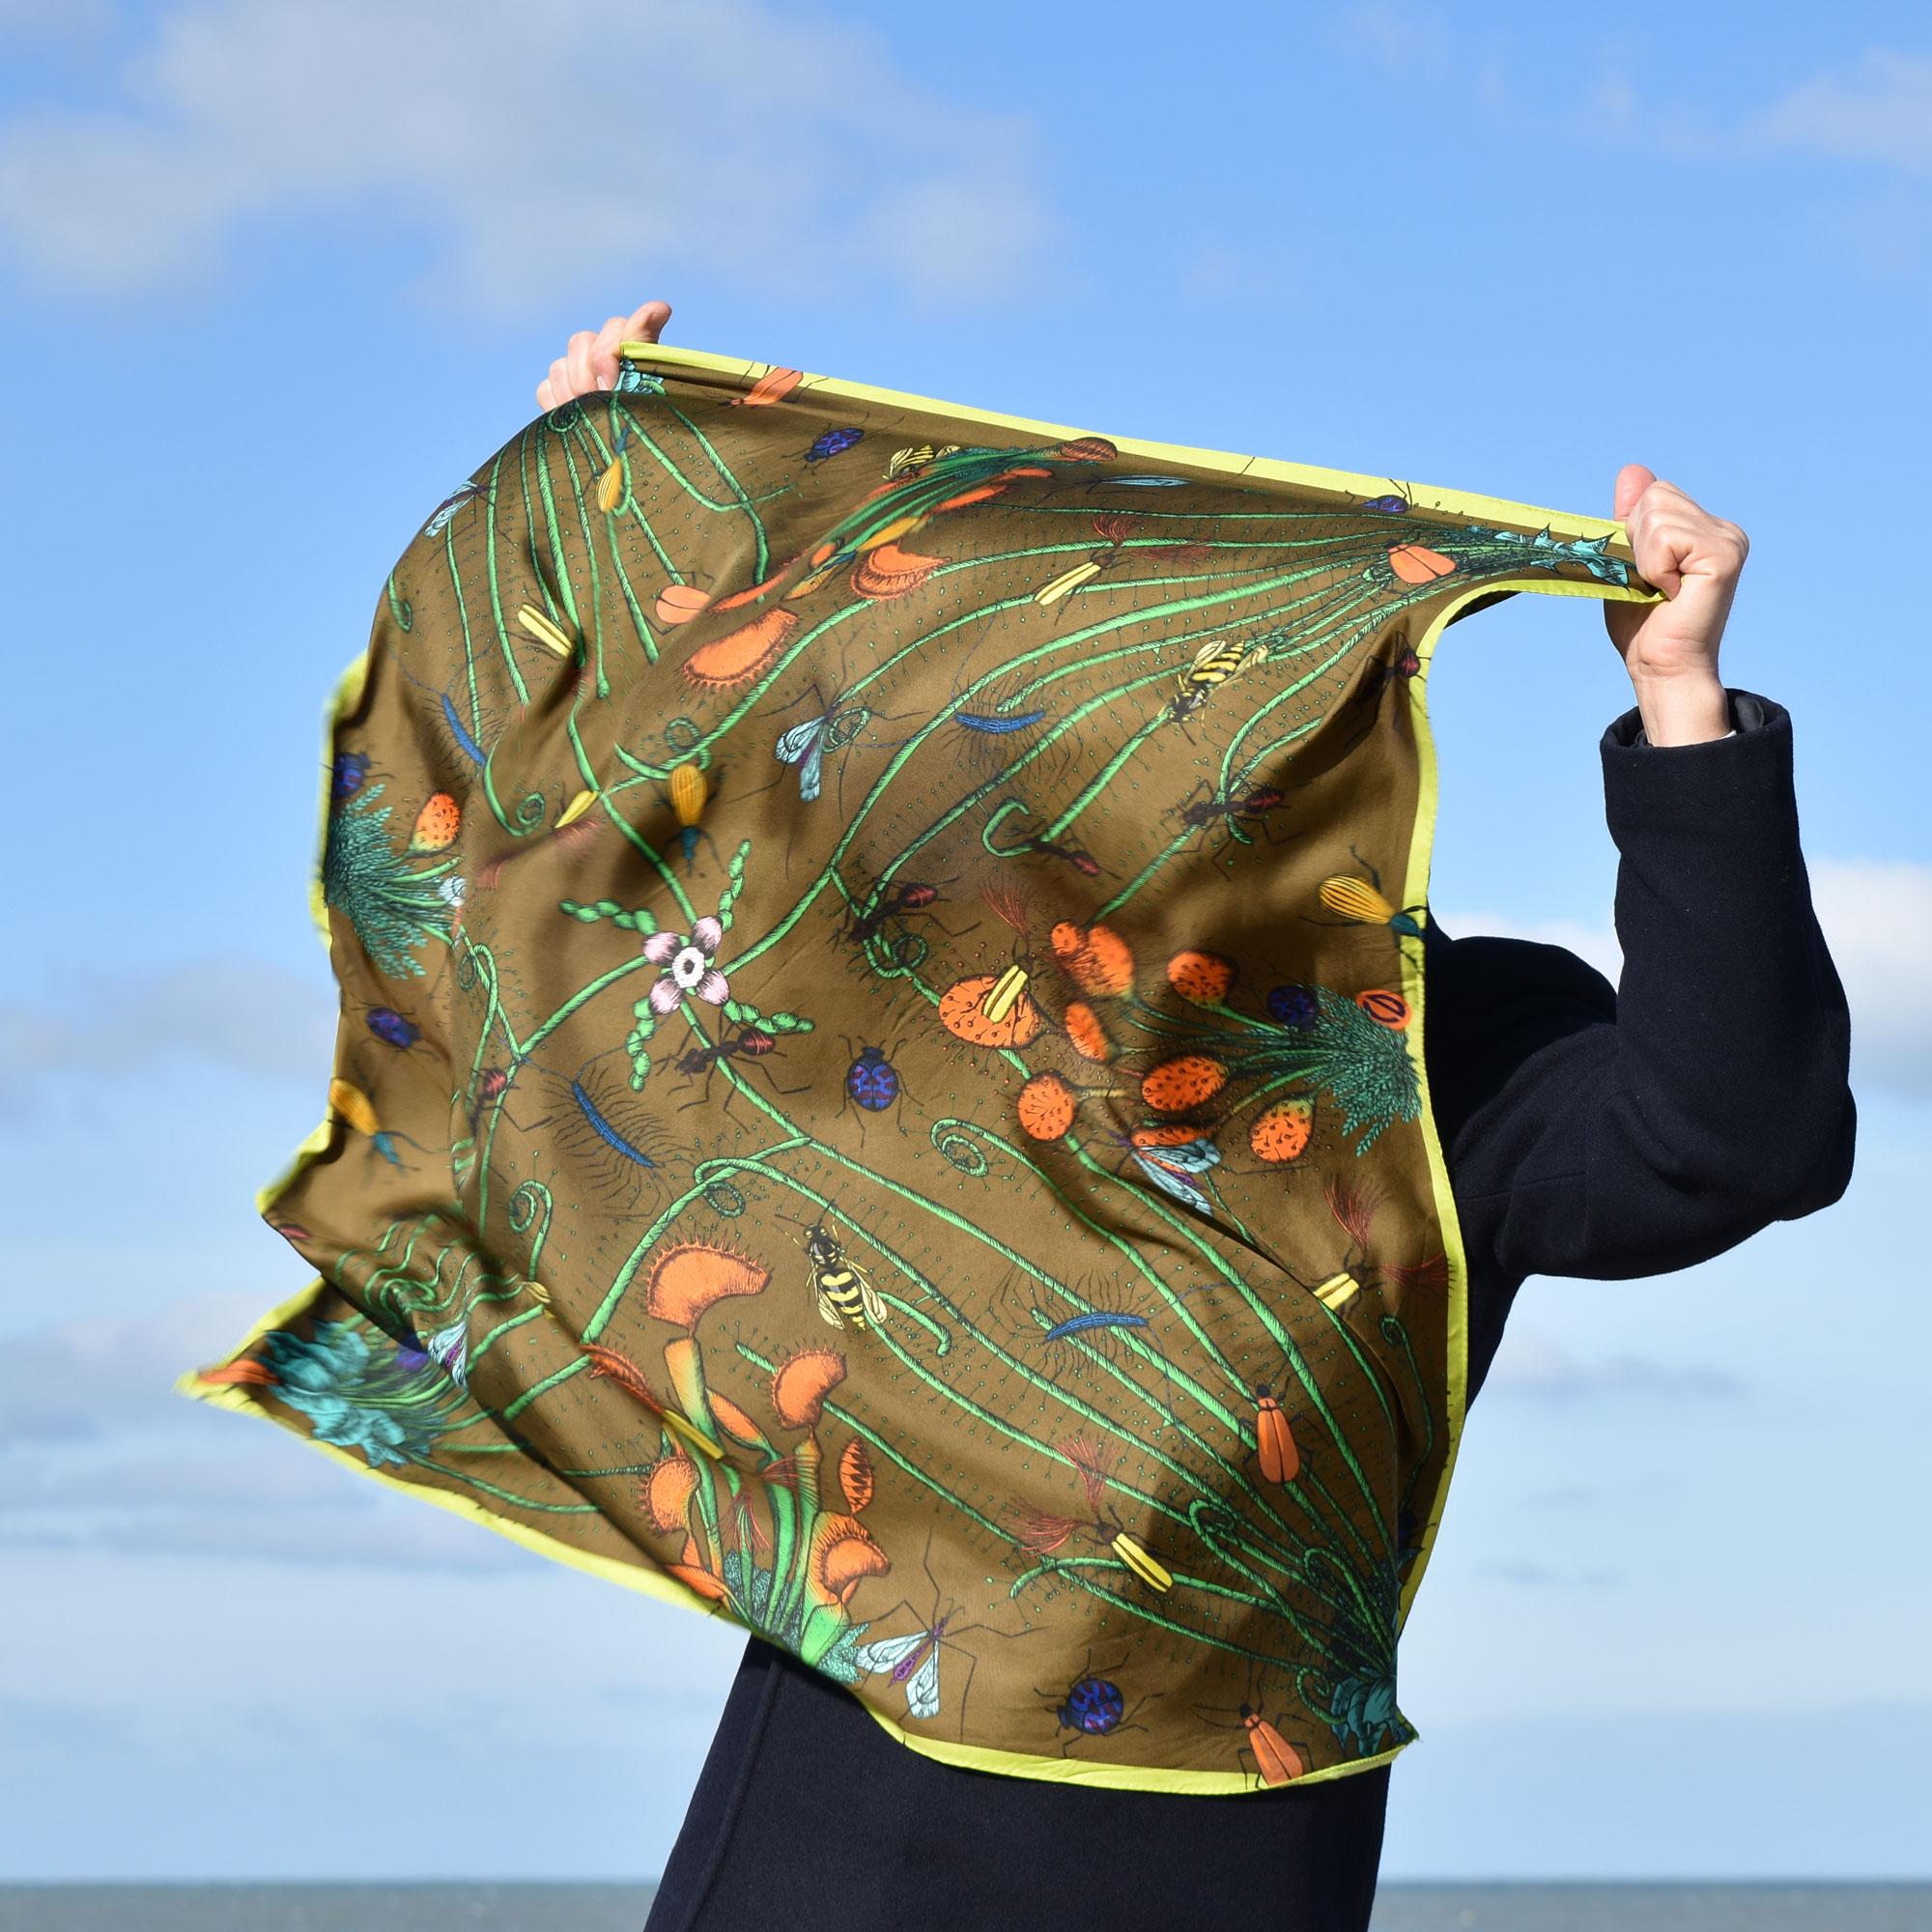 Homme caché par un grand foulard couleur café qu'il tient devant lui, par grand vent